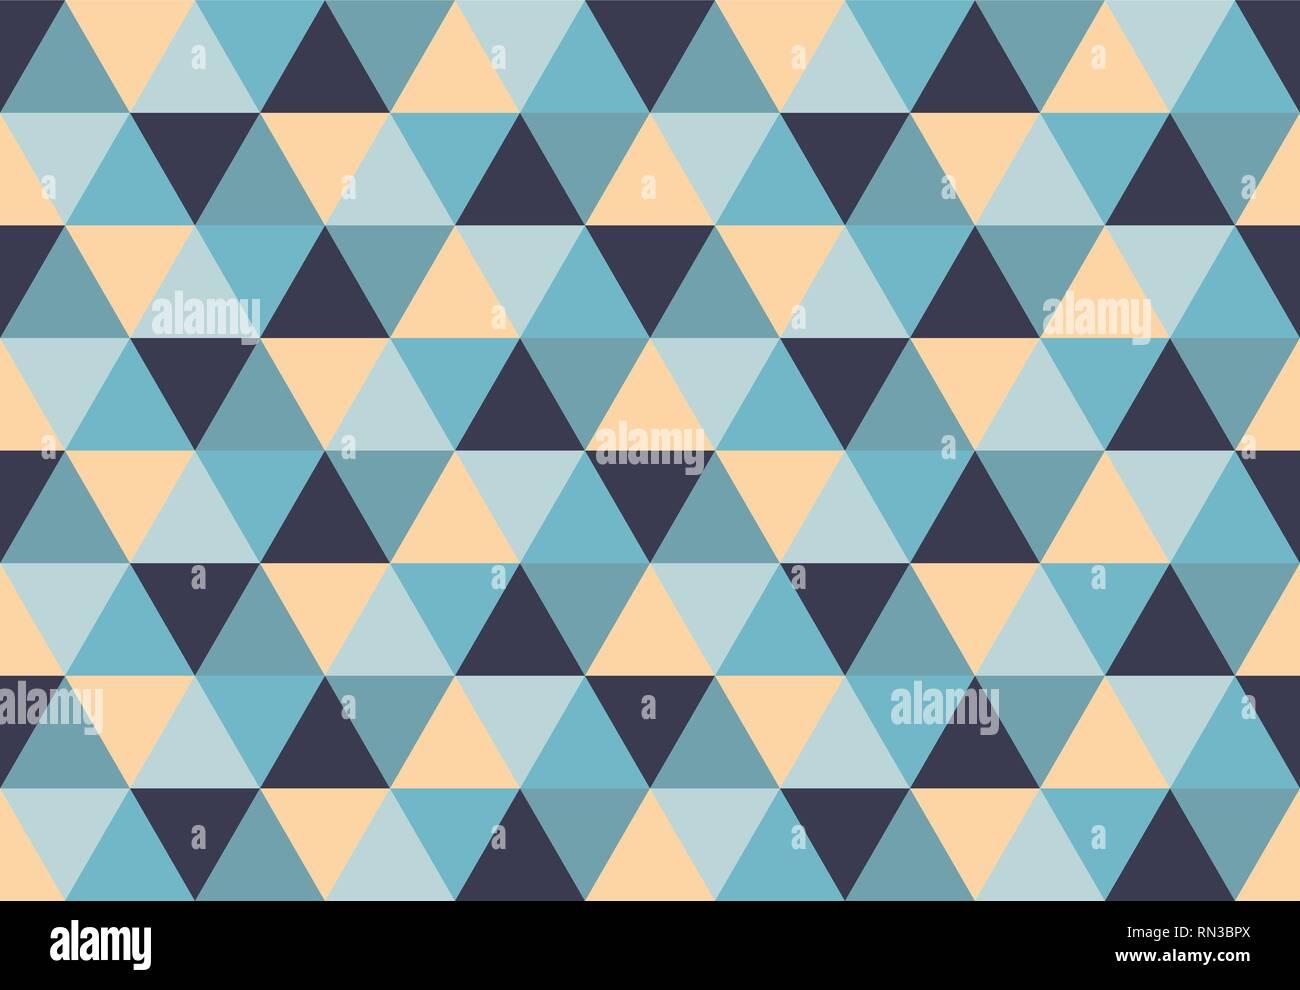 Modèle Logique Triangulairelow Poly Fond Géométrique